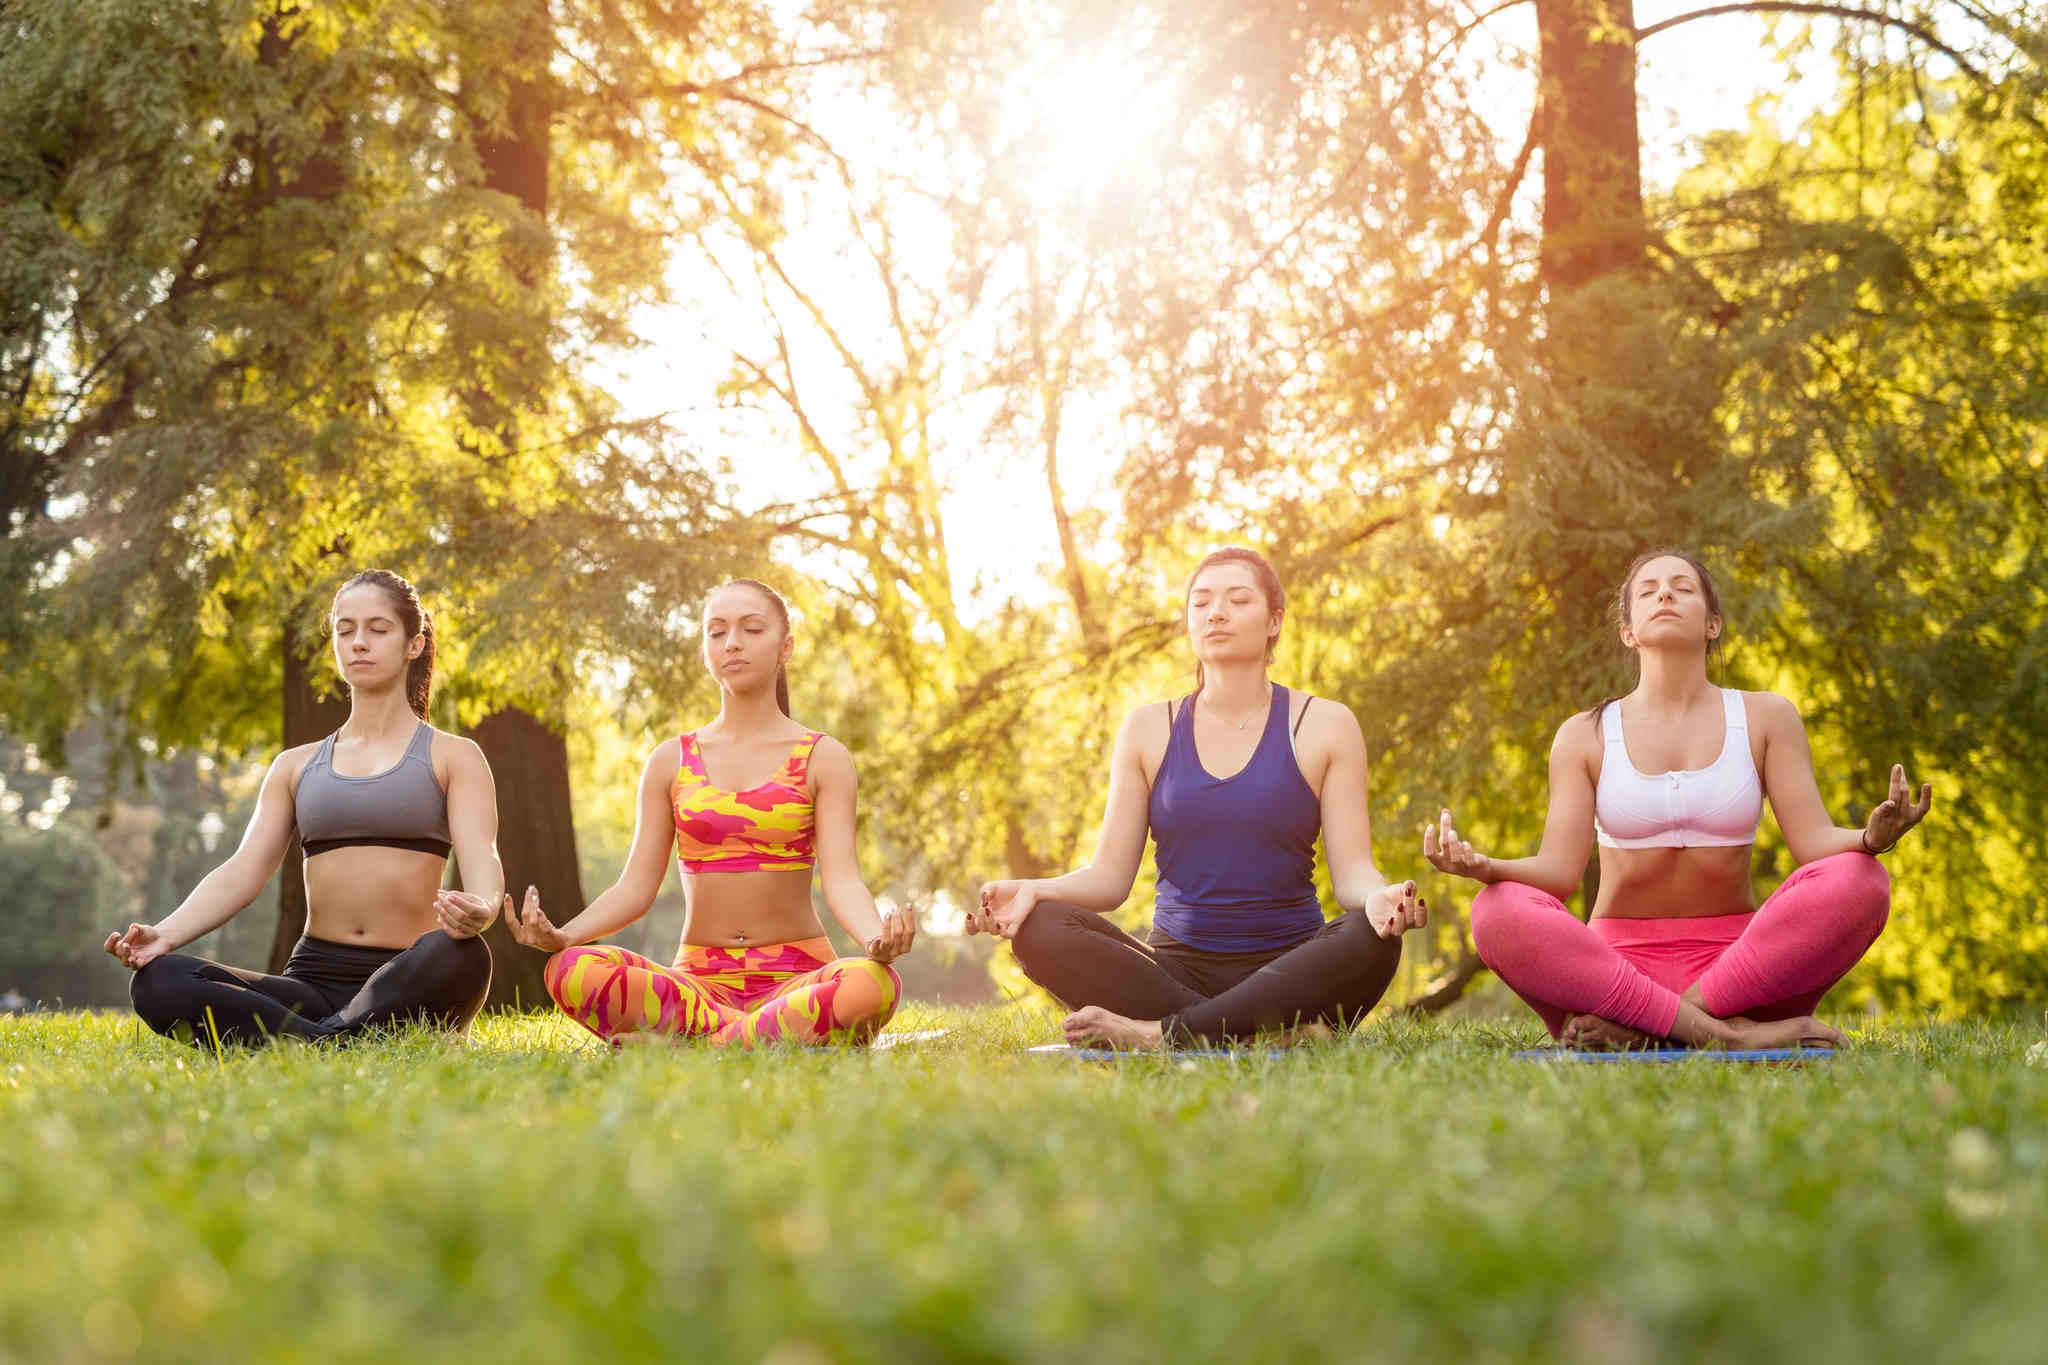 parkta yoga yapan kadınlar, yoganın faydları